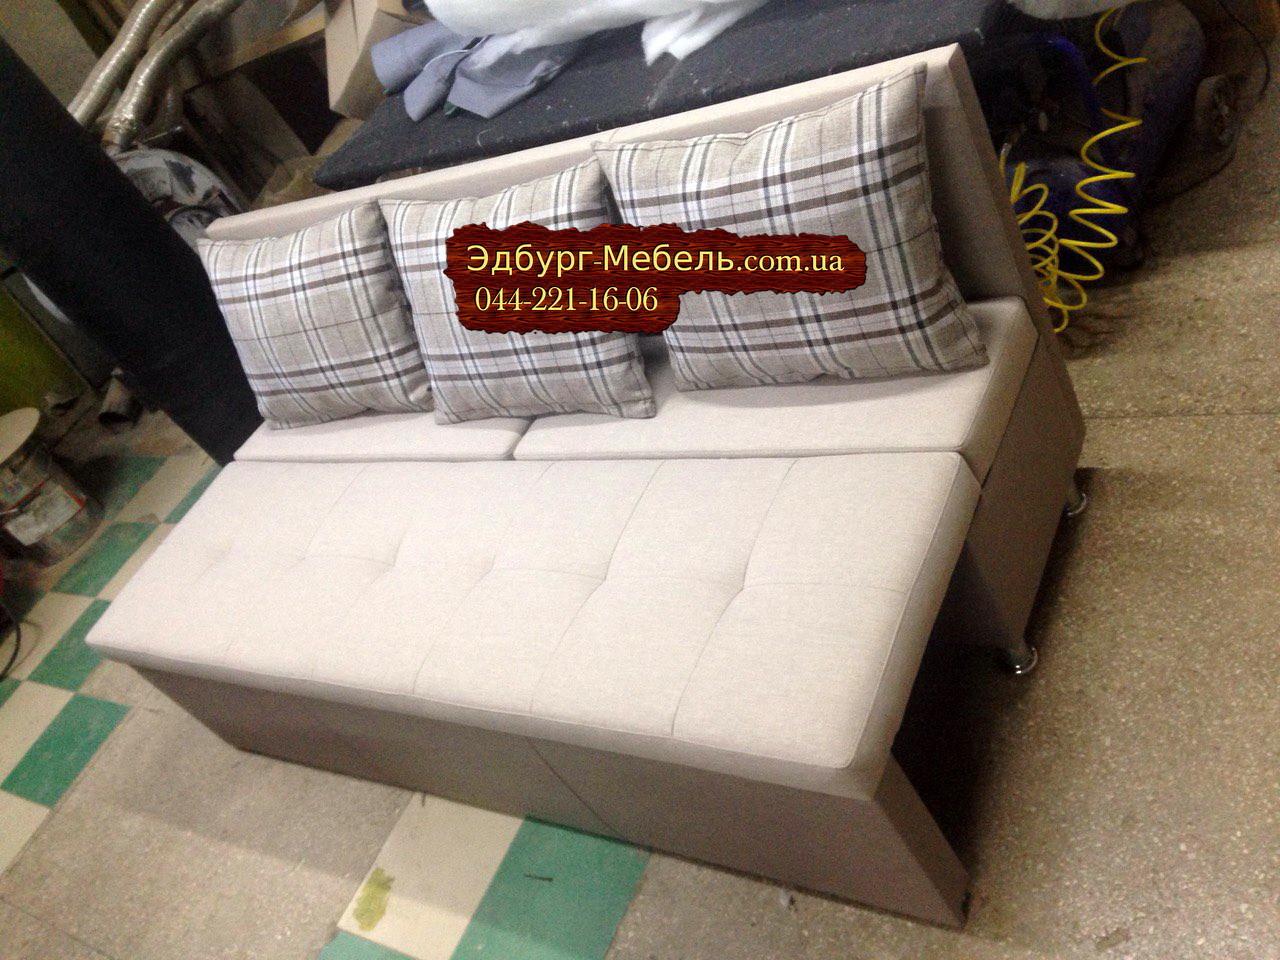 Вузький диван для кухні або офісу 1800х550х850мм Качество